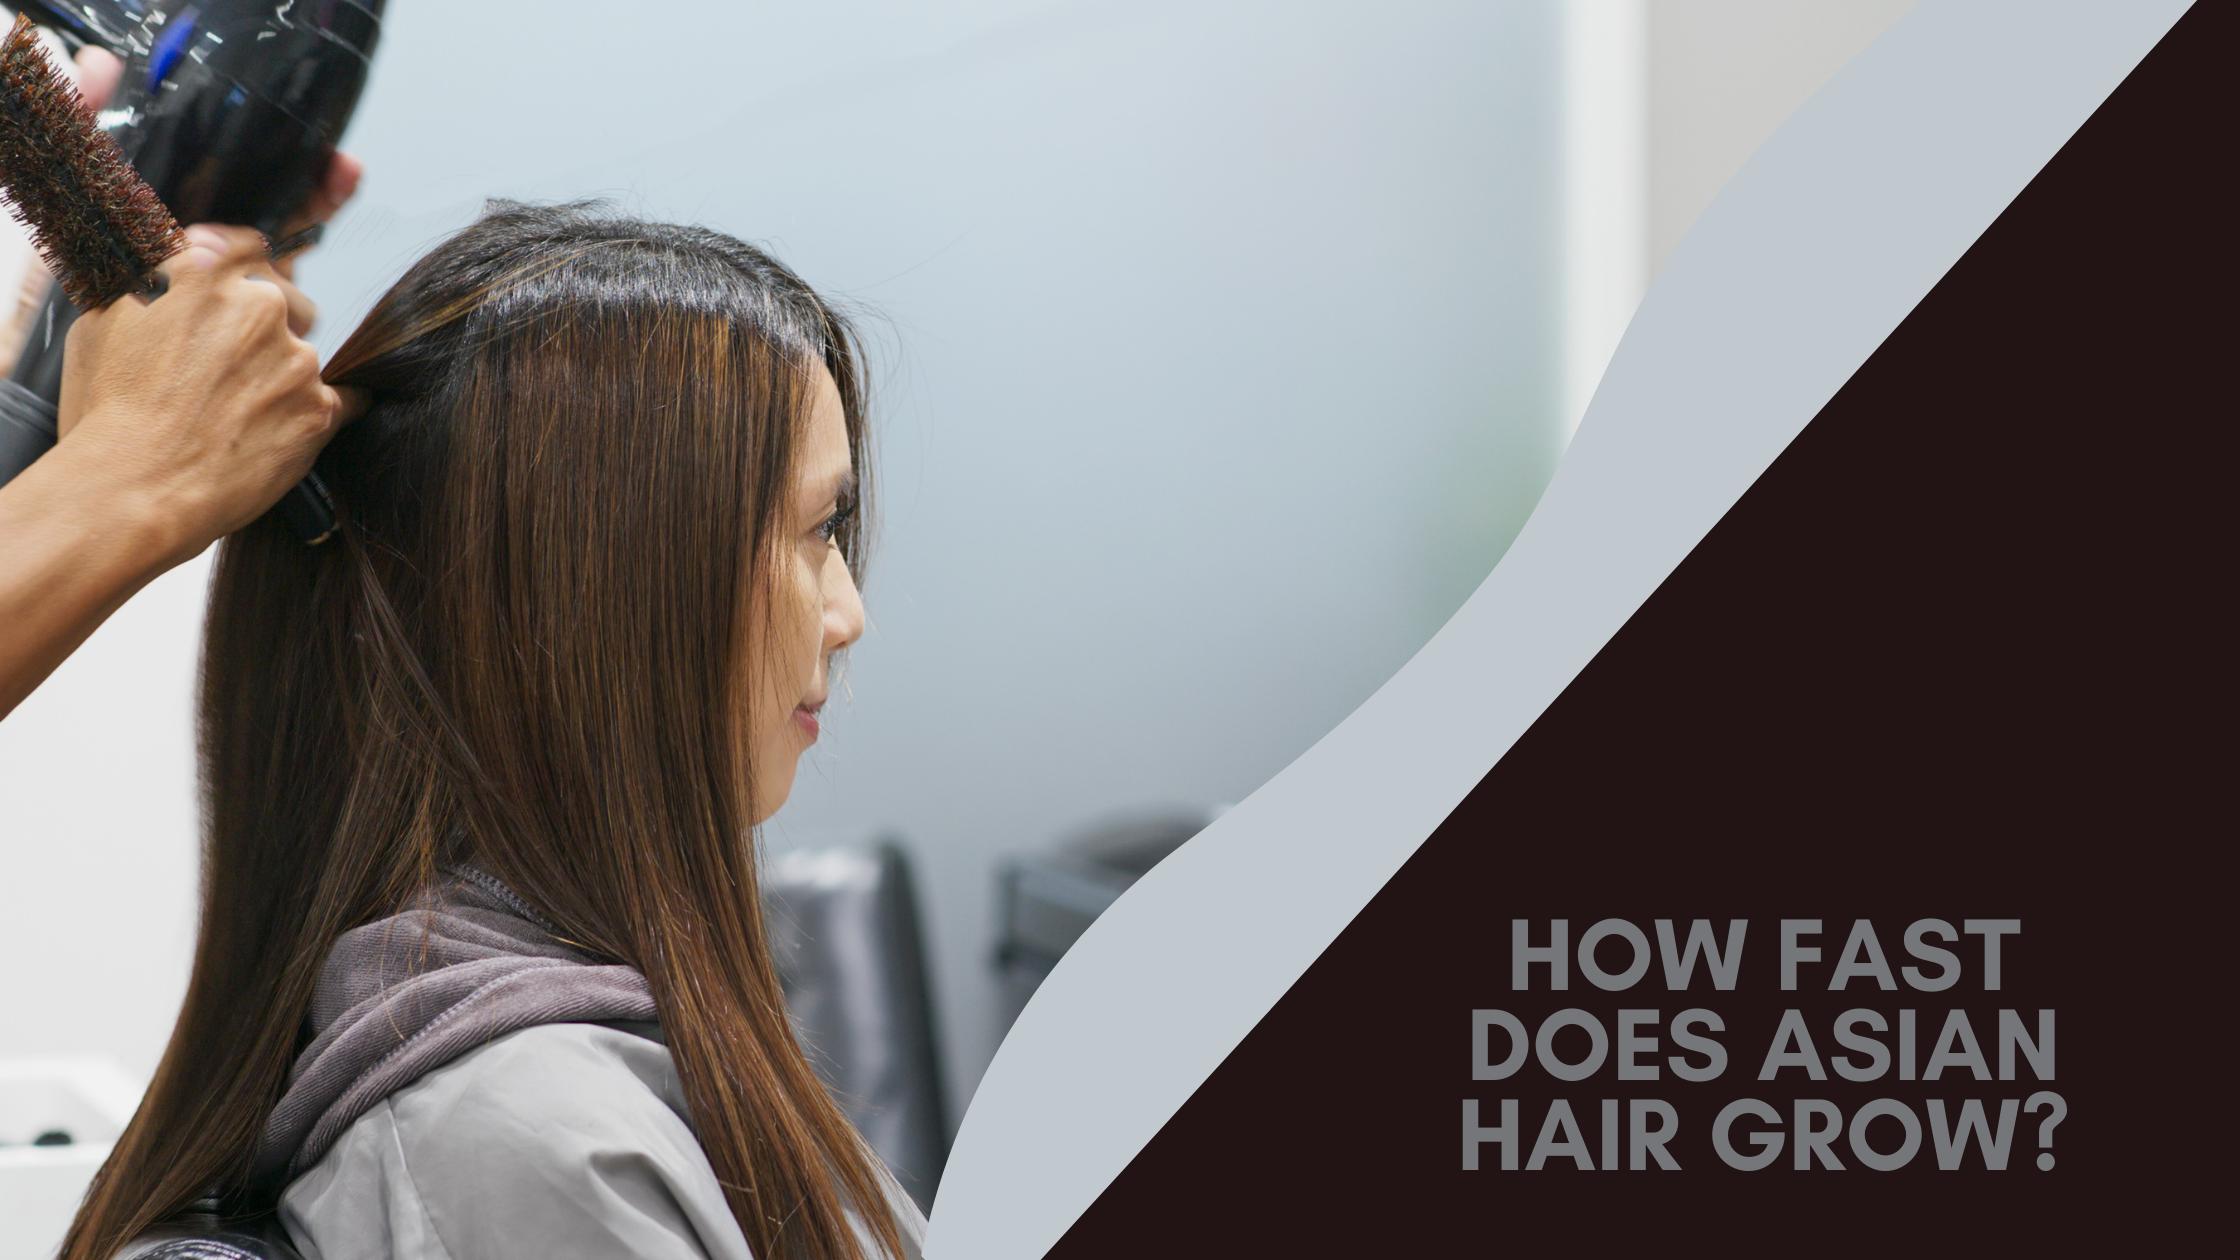 How Fast Does Asian Hair Grow?